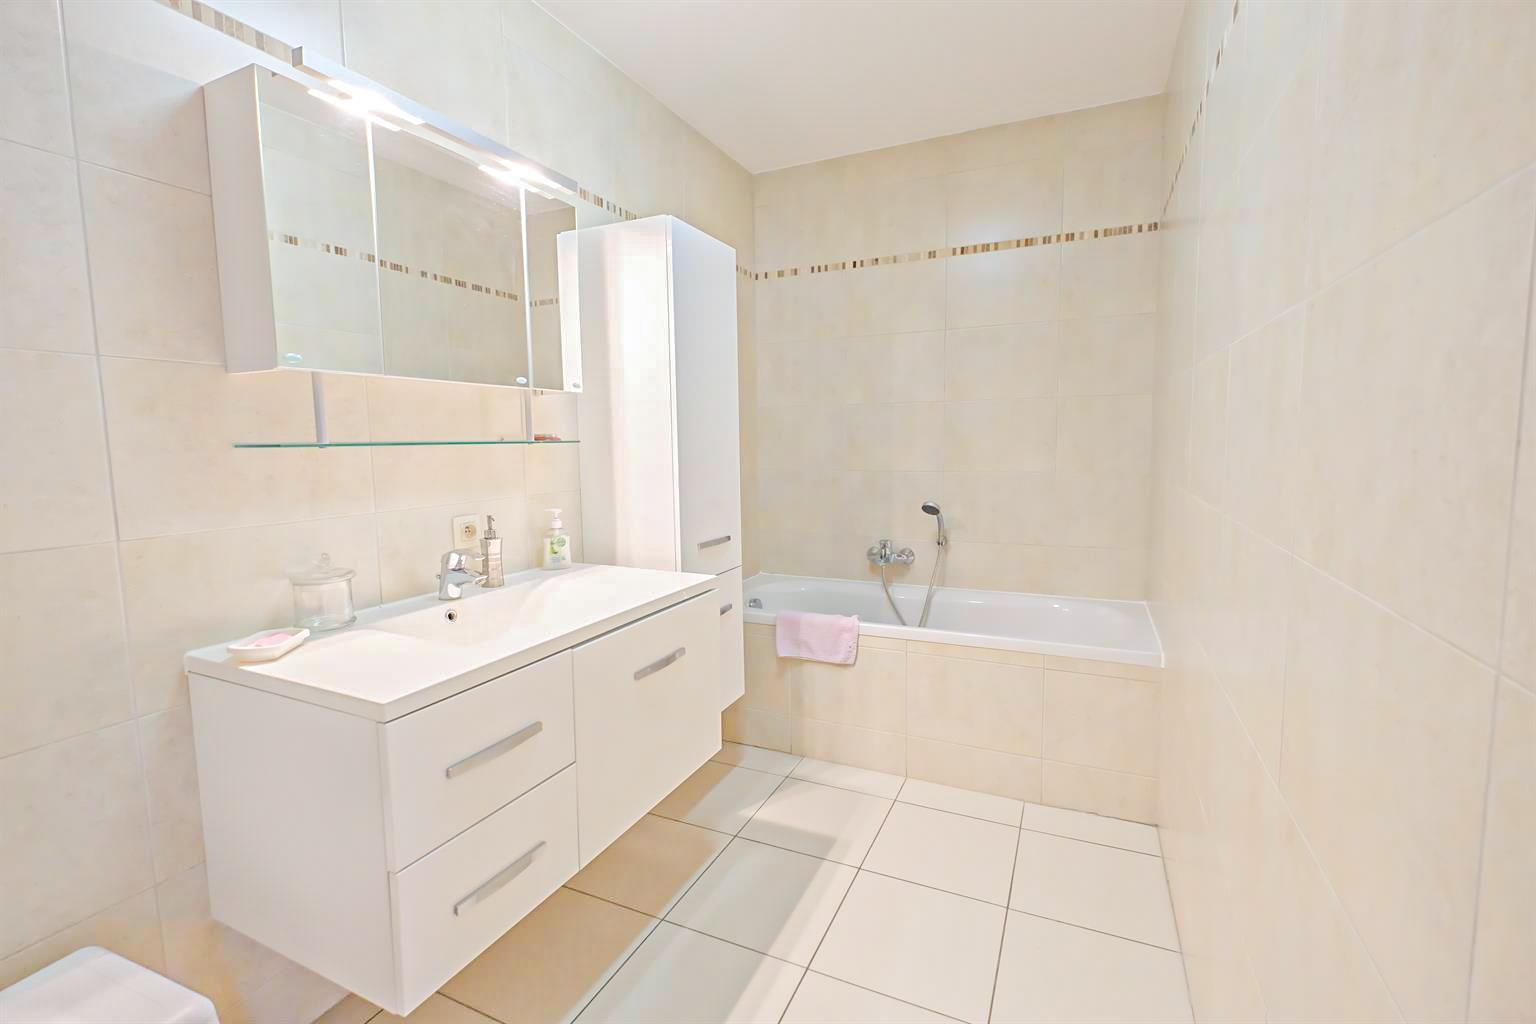 Appartement - Braine-le-Comte - #4422565-5